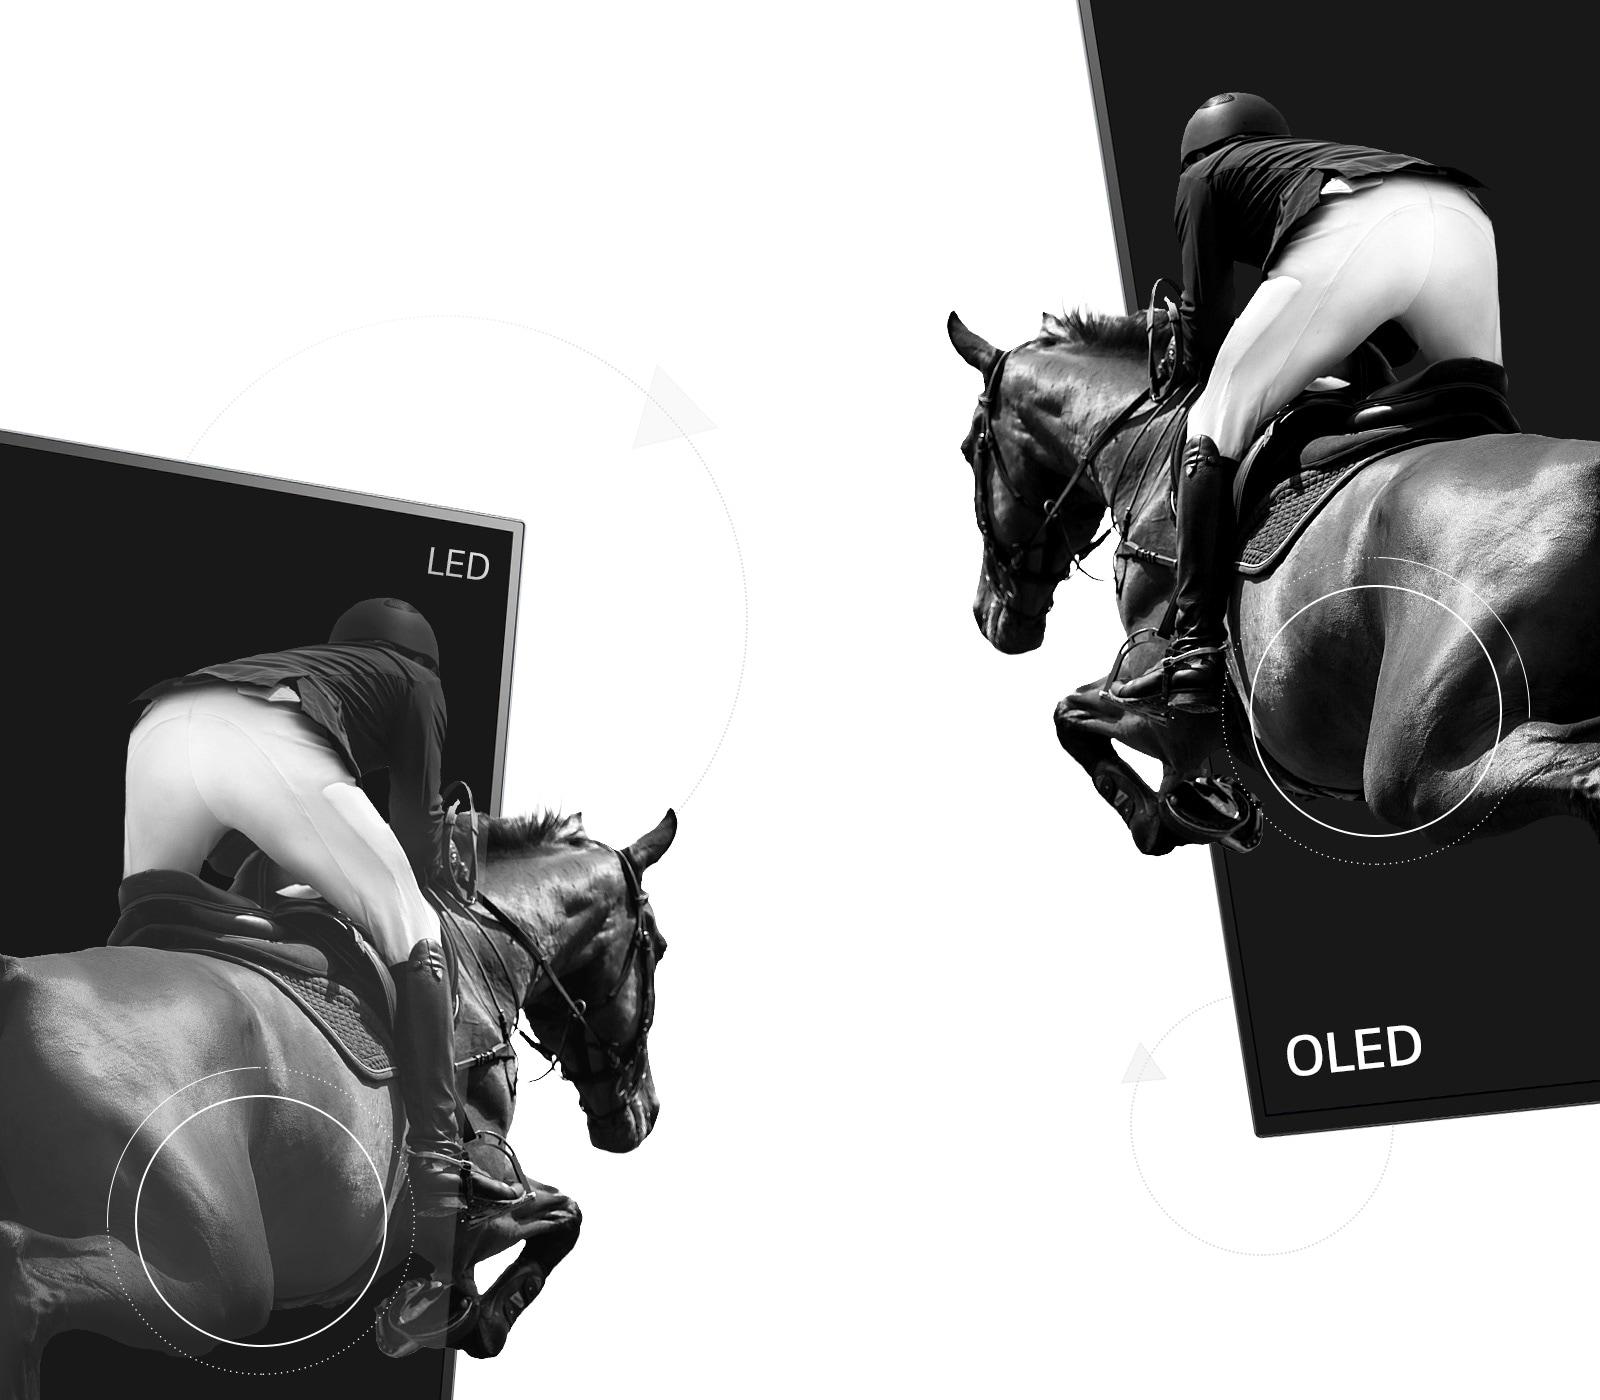 La escena de un jinete montando a caballo en un LED con un contraste pobre y la otra mitad en un OLED con un contraste infinito (reproducir el vídeo)